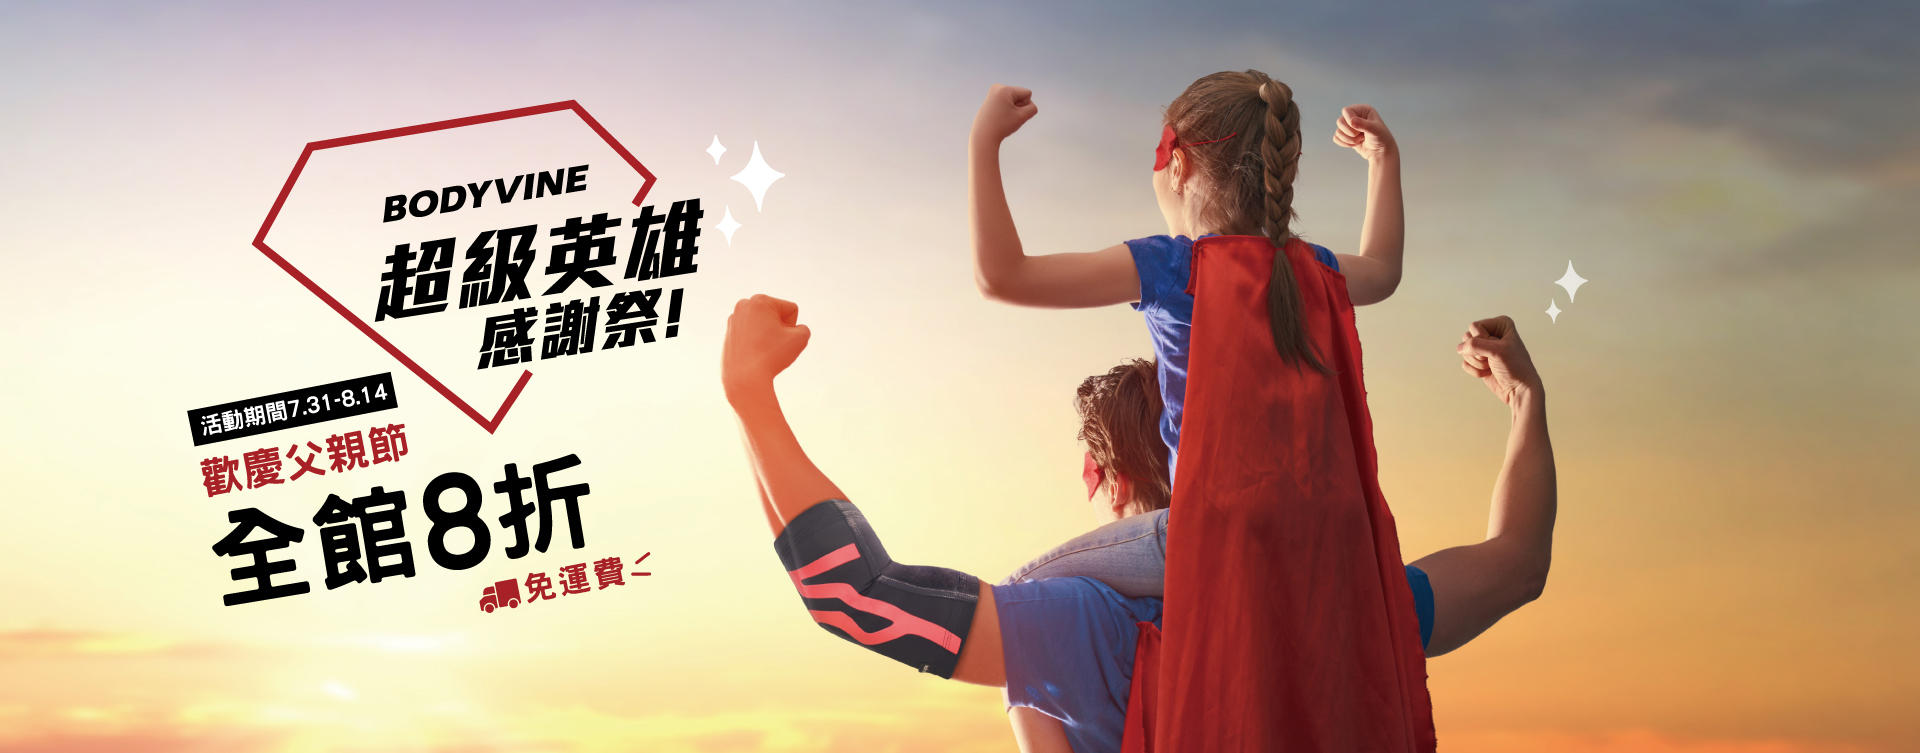 歡慶父親節-超級英雄感恩祭